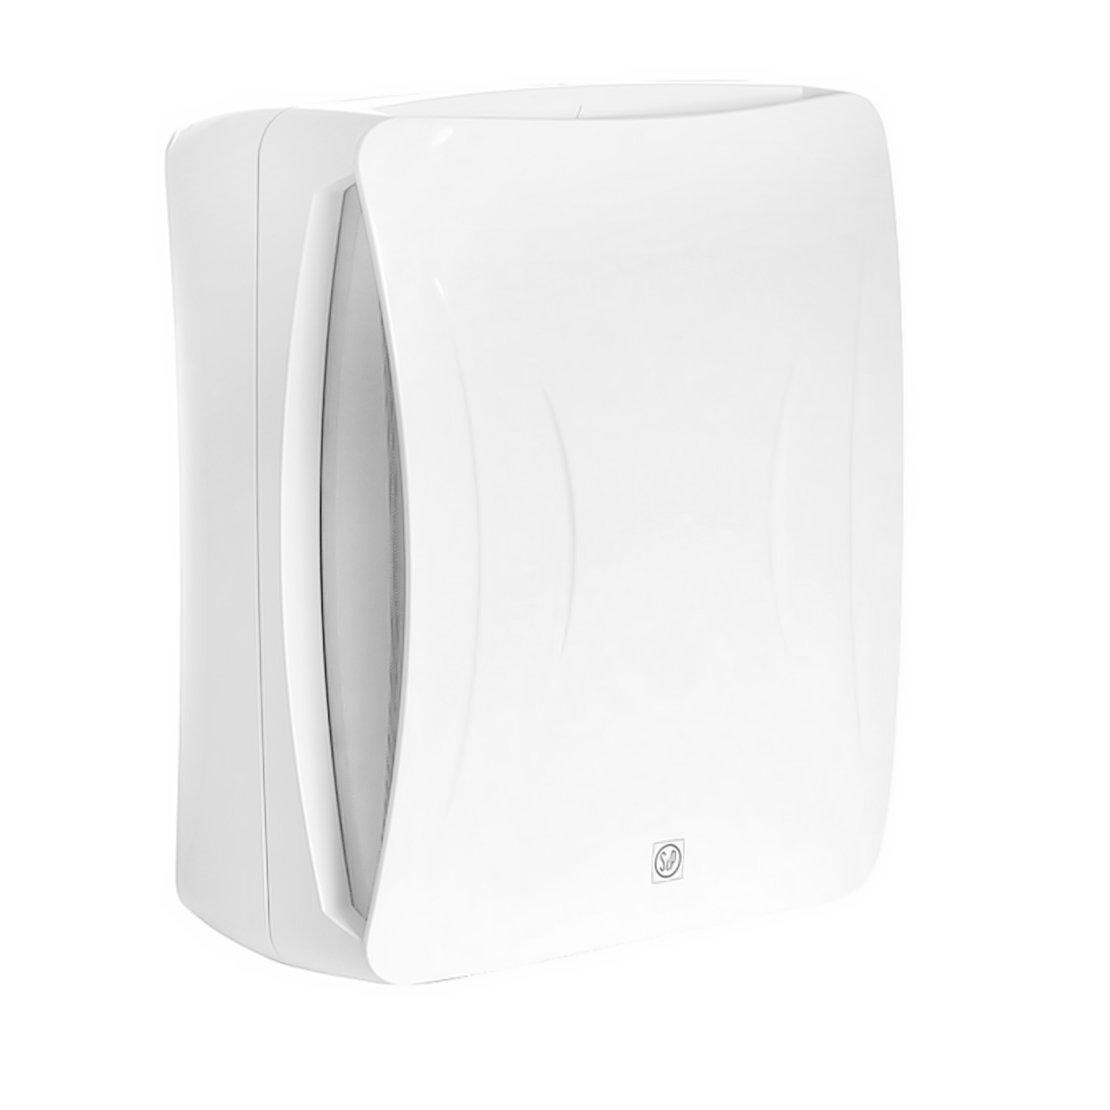 Центробежный вентилятор для ванной Soler&Palau EBB-250 NS